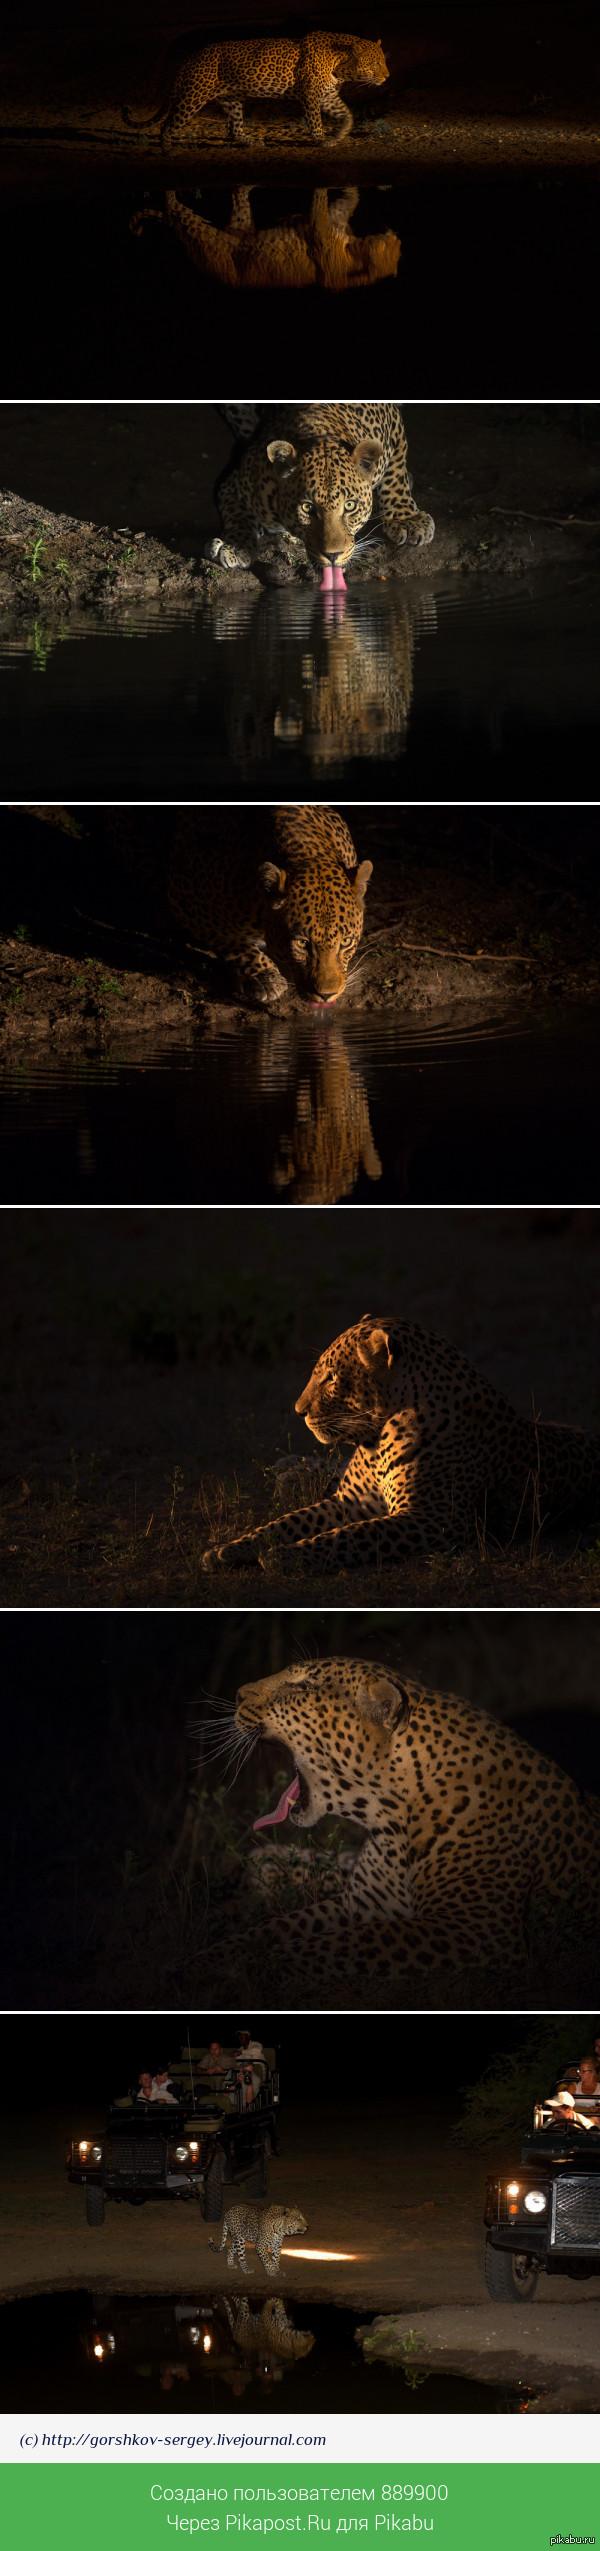 Ночные съемки леопарда